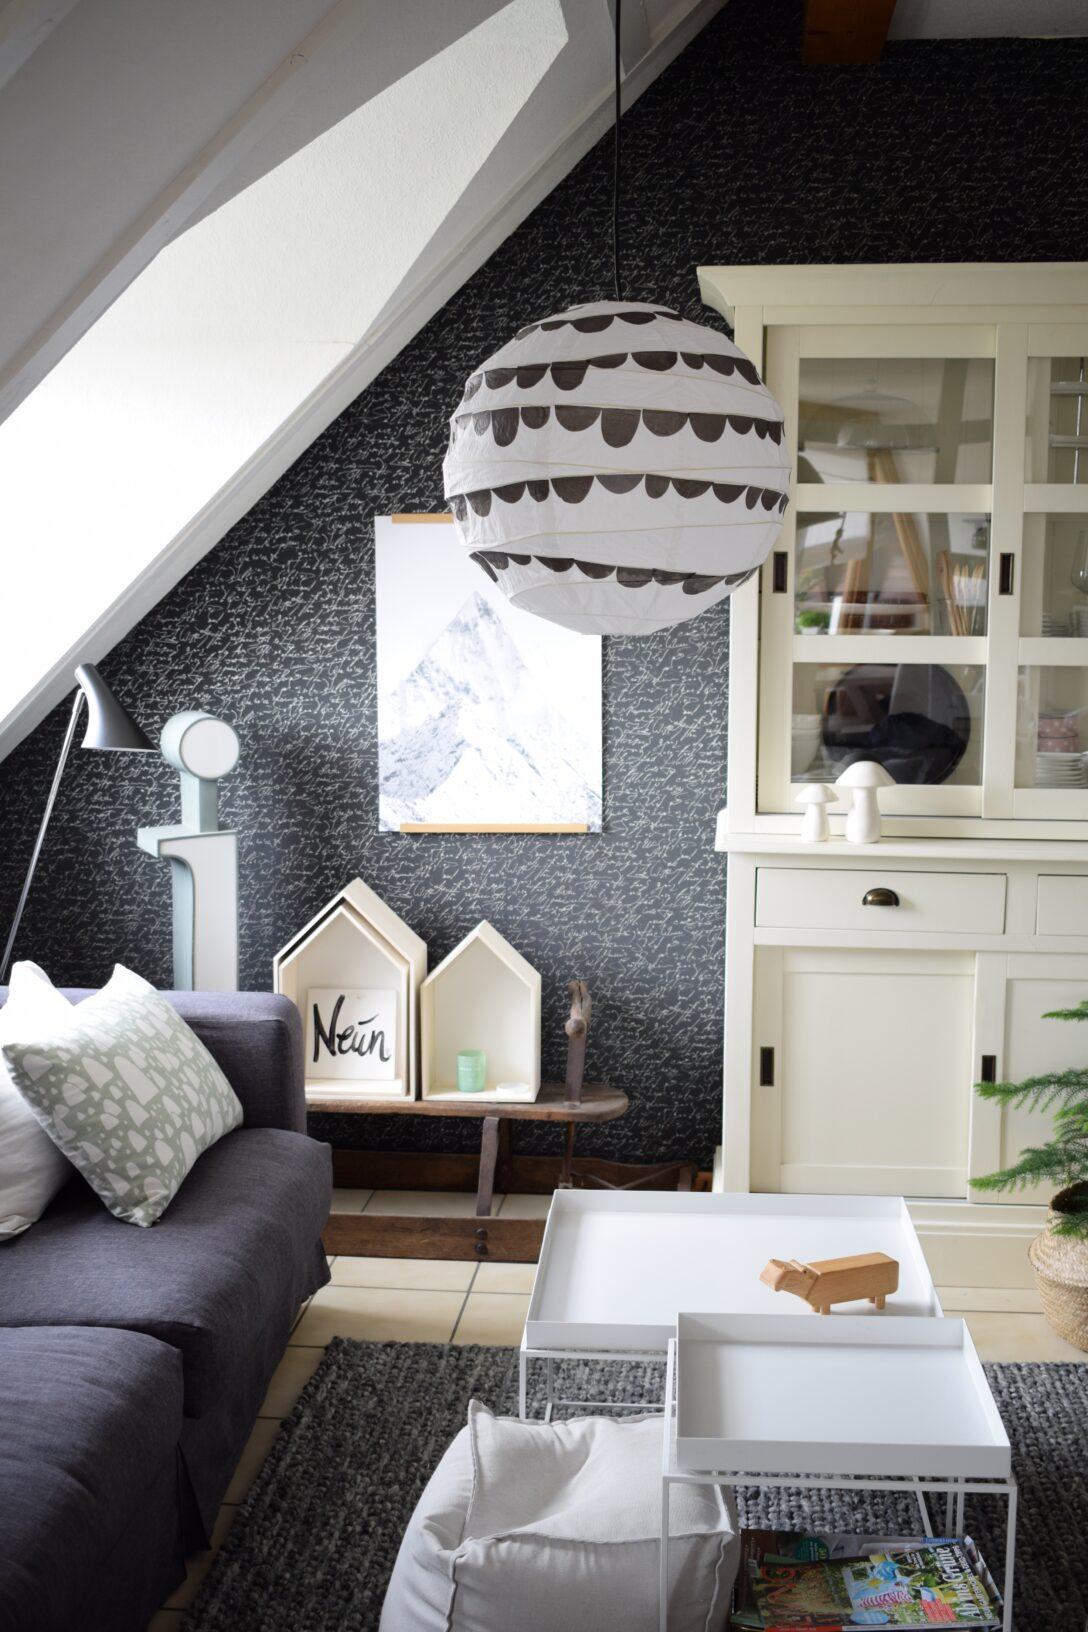 Large Size of Wohnzimmer Lampe Ikea Stehend Lampen Decke Leuchten Von Diy Eine Neue Frs Kinderzimmer Schwarz Auf Wei Spiegellampe Bad Küche Wandbilder Indirekte Beleuchtung Wohnzimmer Wohnzimmer Lampe Ikea